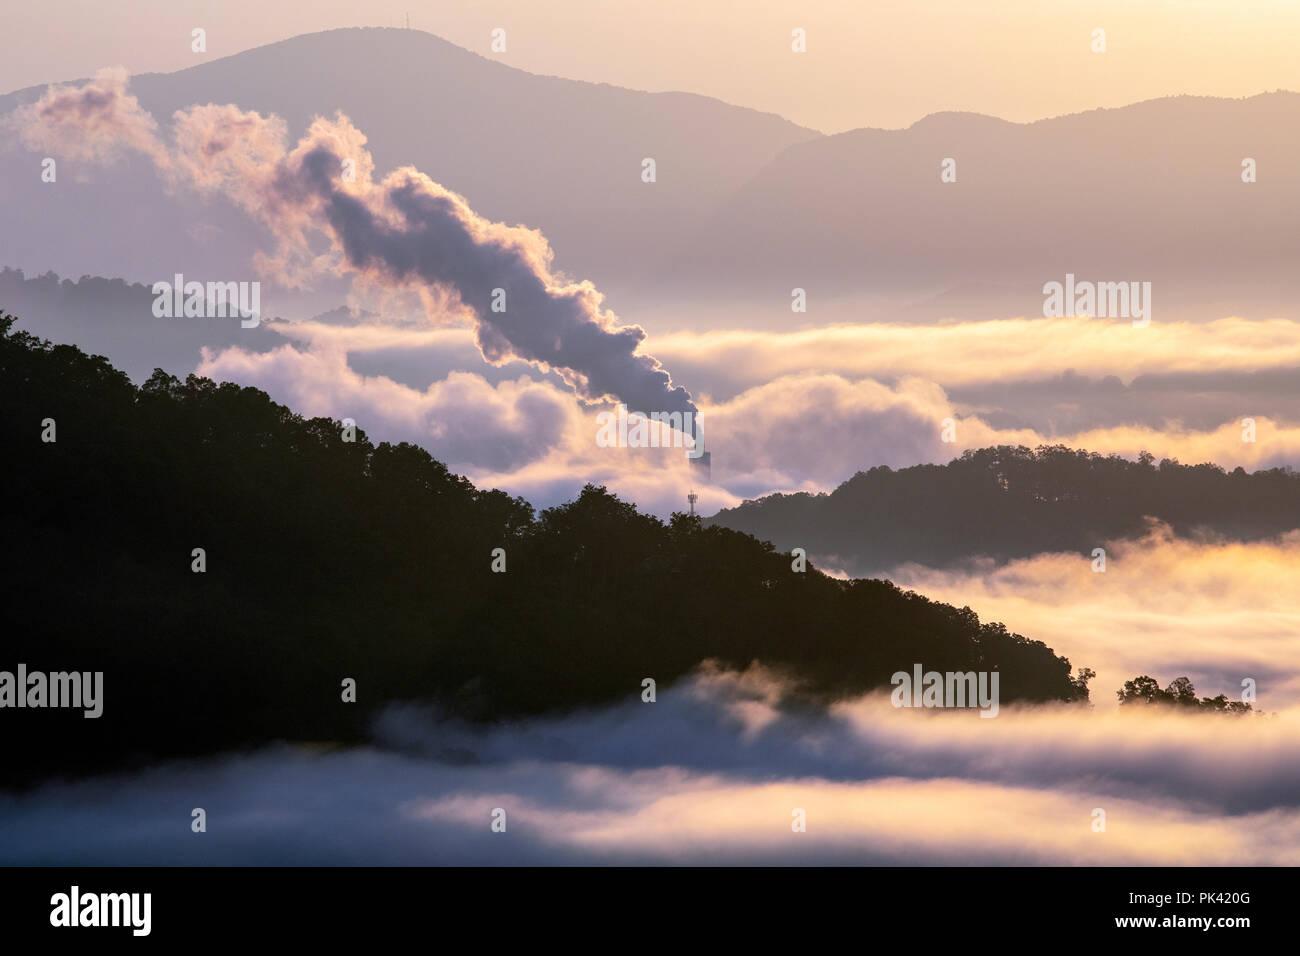 Sunrise vista auf dem Blue Ridge Parkway mit Schornstein plume in der Ferne - Kastanie Cove übersehen - Asheville, North Carolina, USA Stockbild